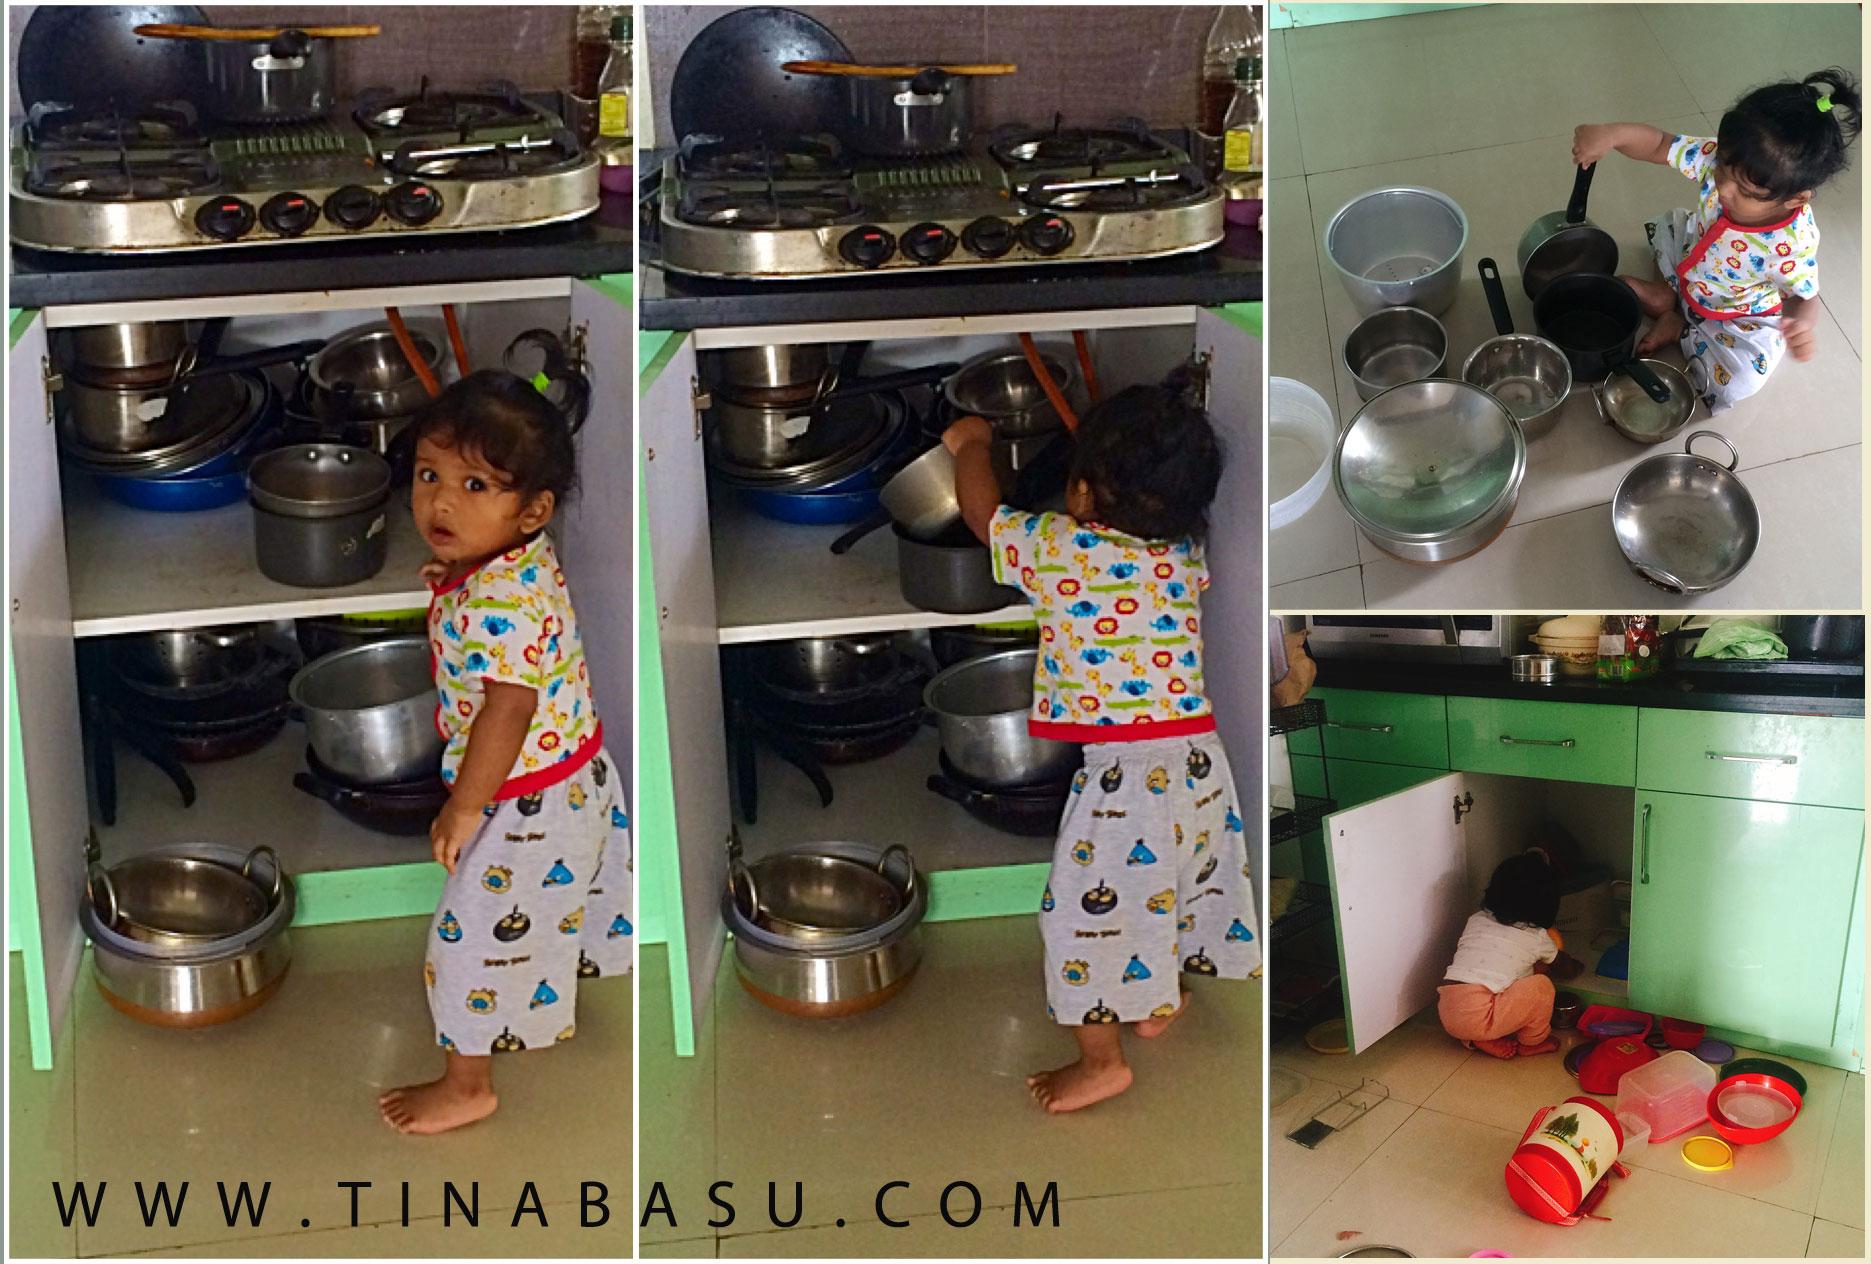 mommy-son-moment-tina-basu3